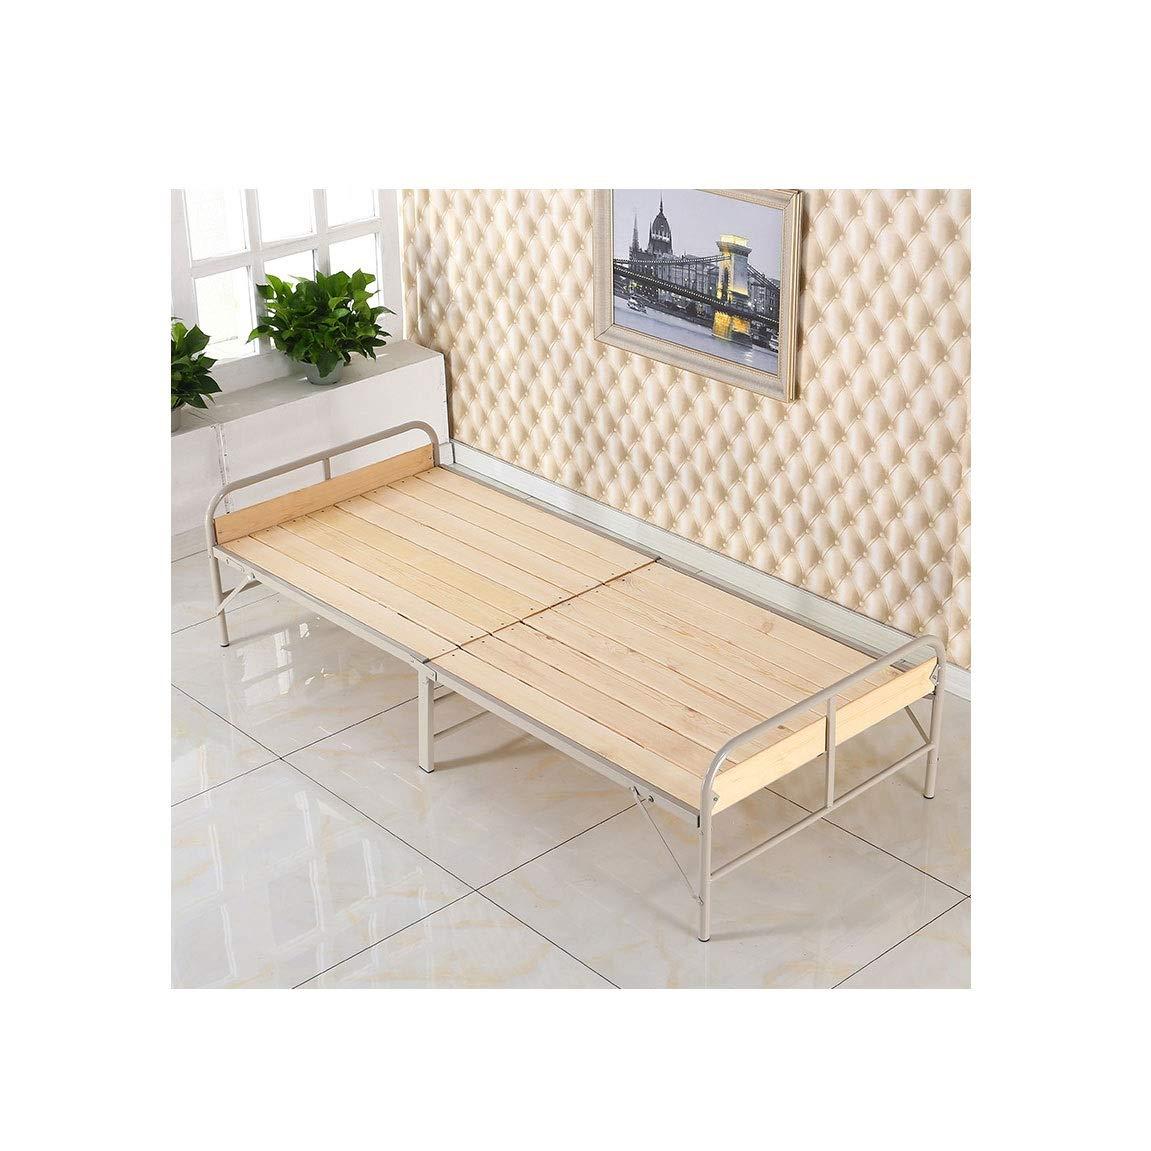 折りたたみベッドシングルベッド大人用シンプルベッドランチタイムベッド木製ベッドナップベッドマーチングベッド (色 : ベージュ) B07RJJLGRS ベージュ